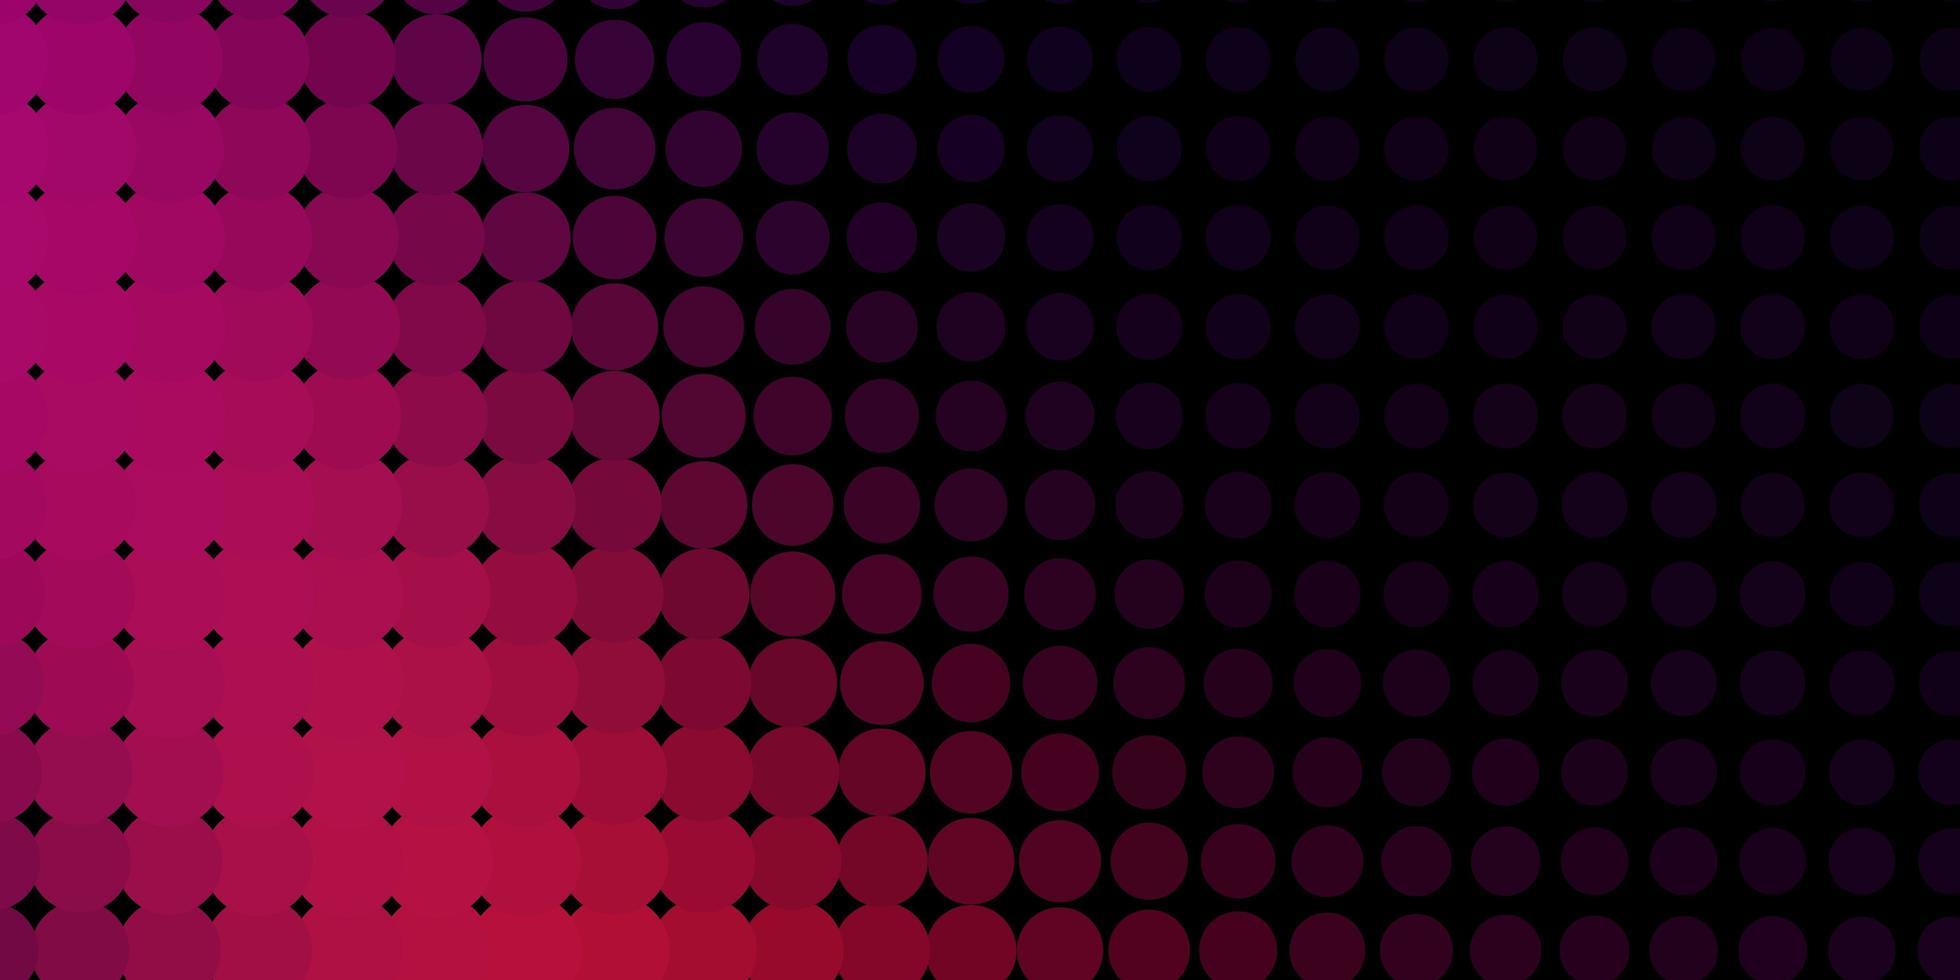 Fondo de vector rosa oscuro con burbujas.